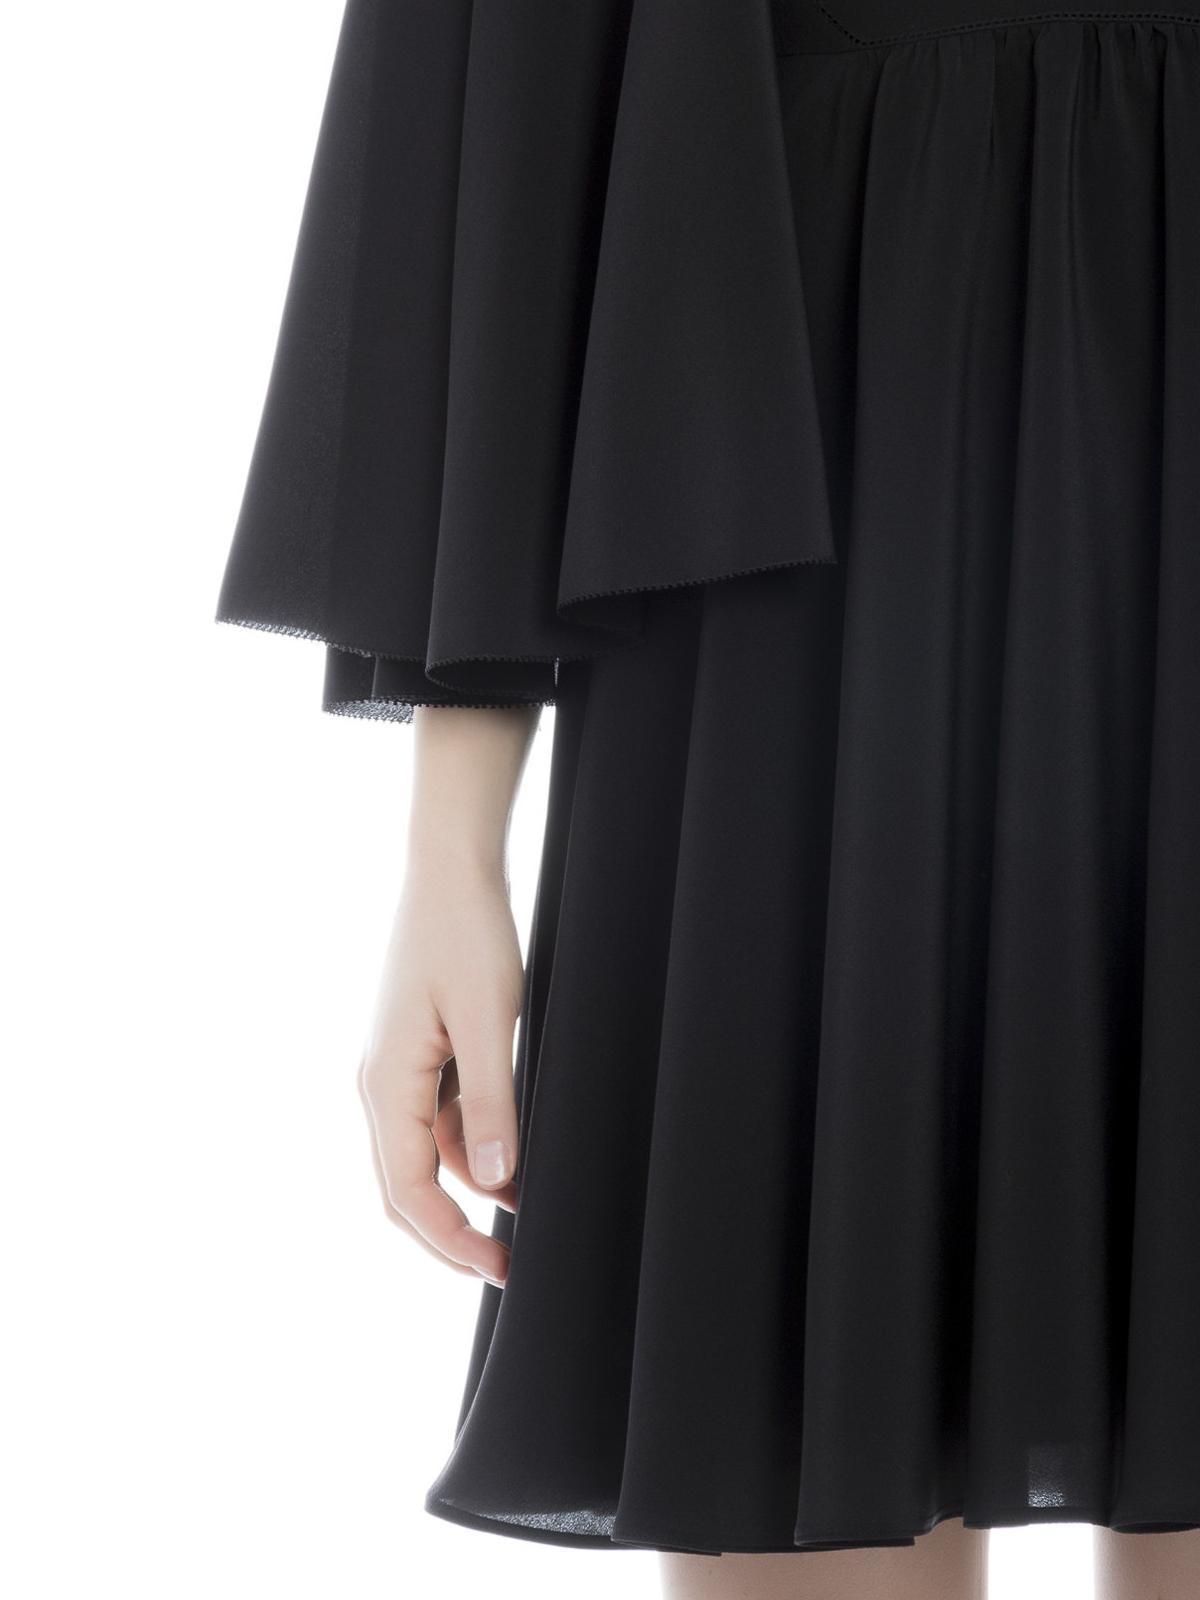 Cocktailkleid - Schwarz von Valentino - Cocktailkleider | iKRIX